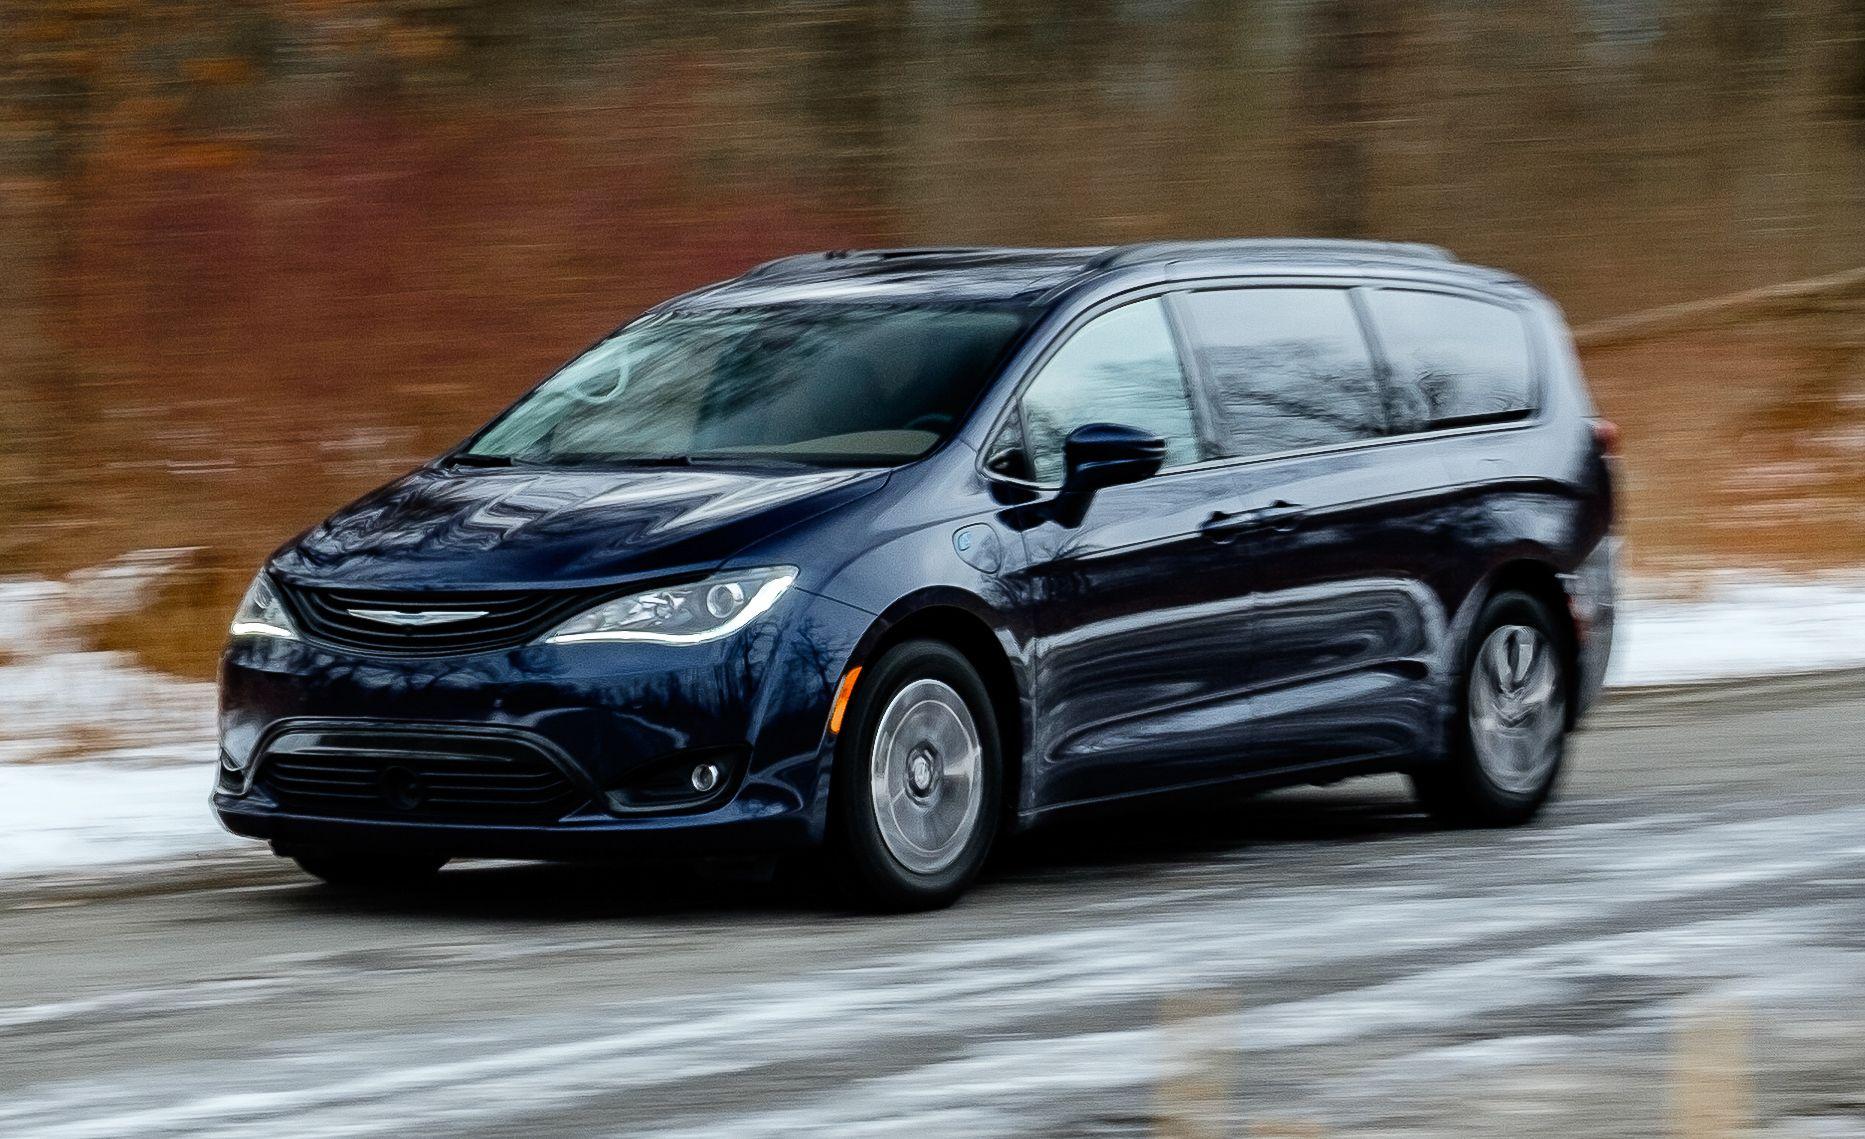 2018 Chrysler Pacifica Hybrid